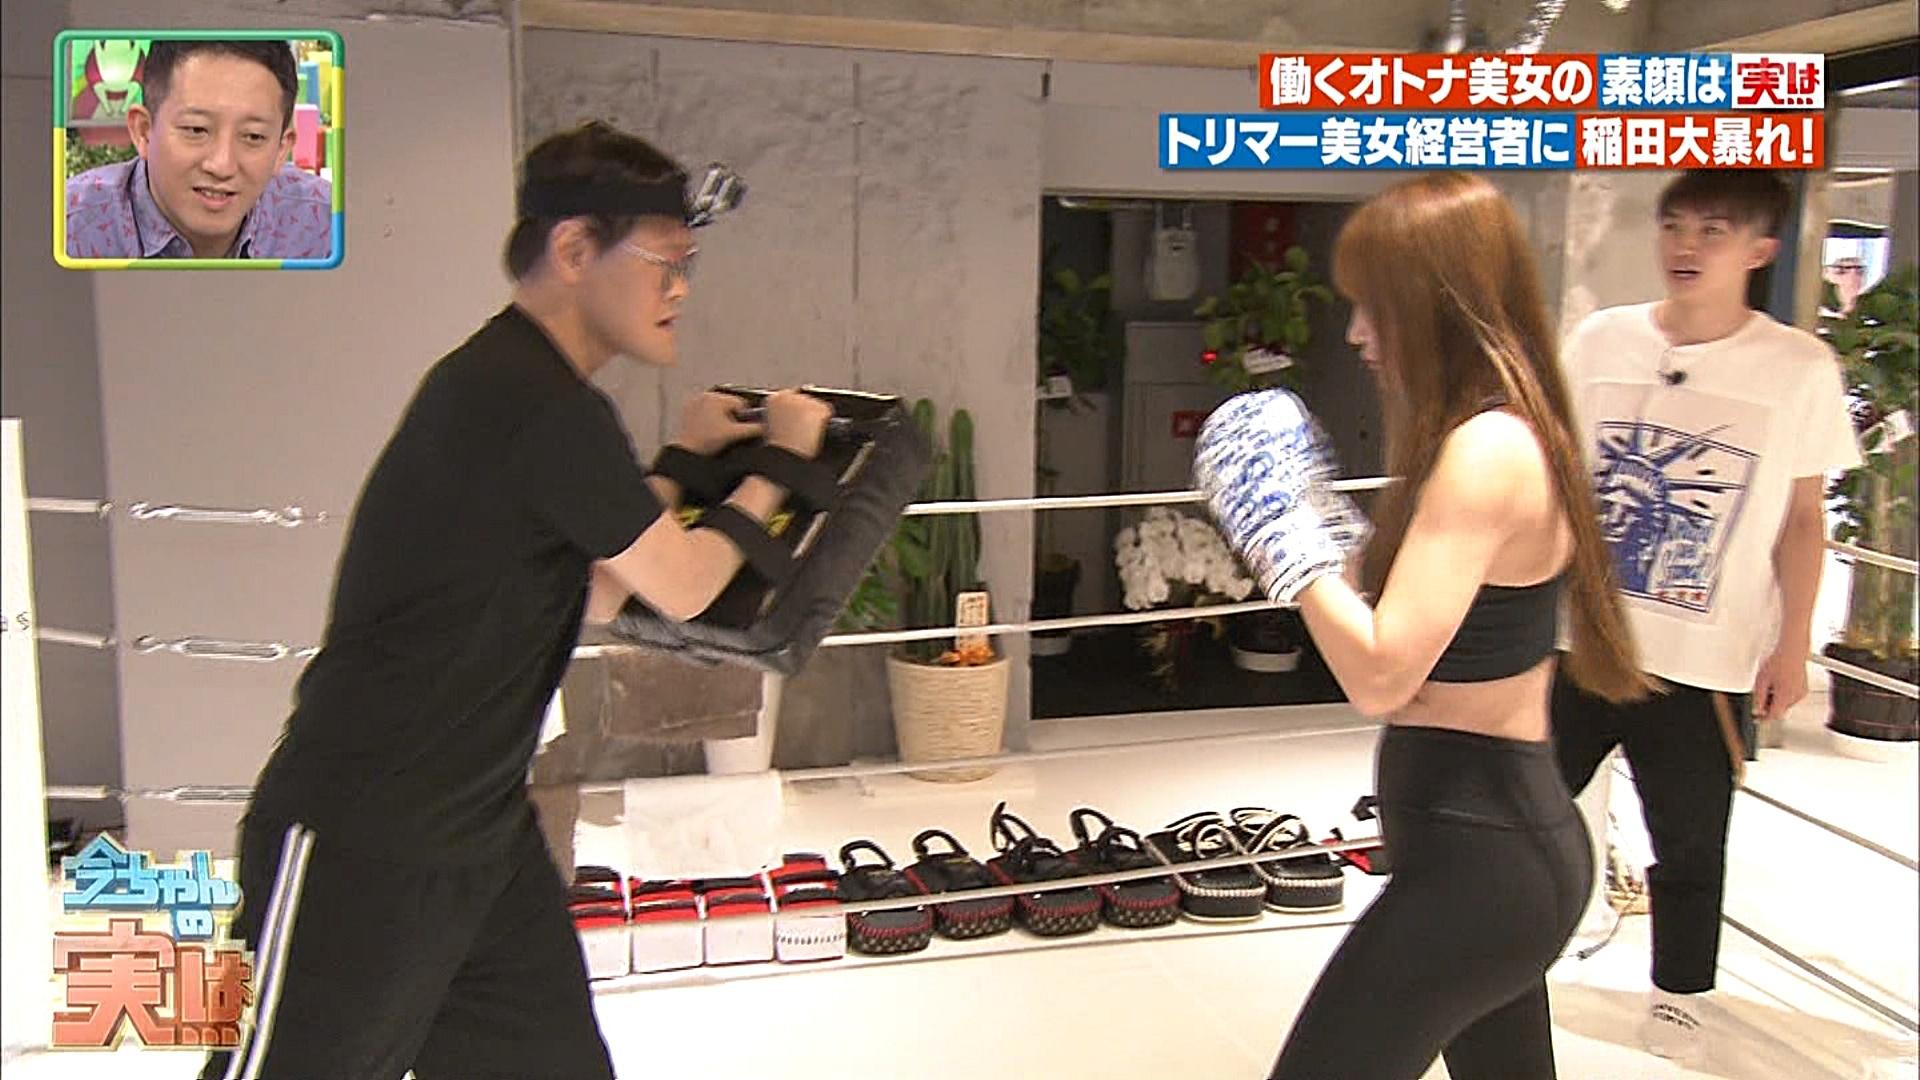 2019年7月10日「今ちゃんの実は…」のテレビキャプチャー画像-021